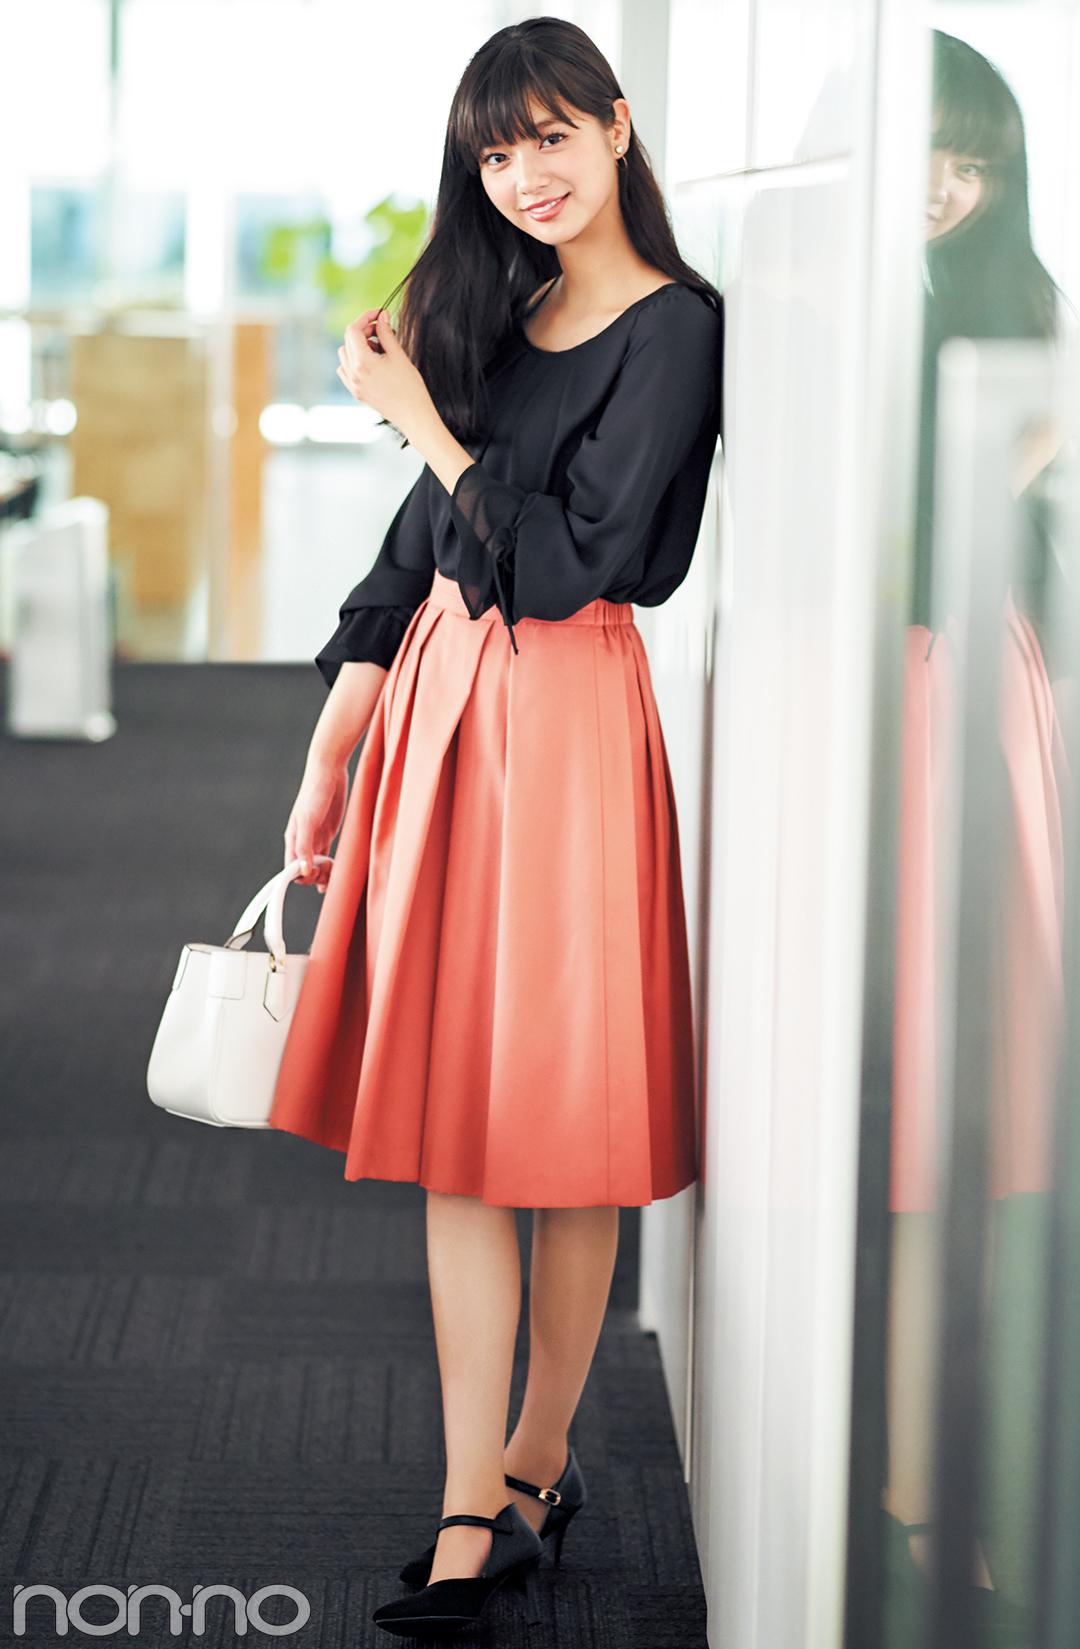 新川優愛が着る♡ オフィスコーデのスカートは、秋色で選ぶのが正解!_1_1-1